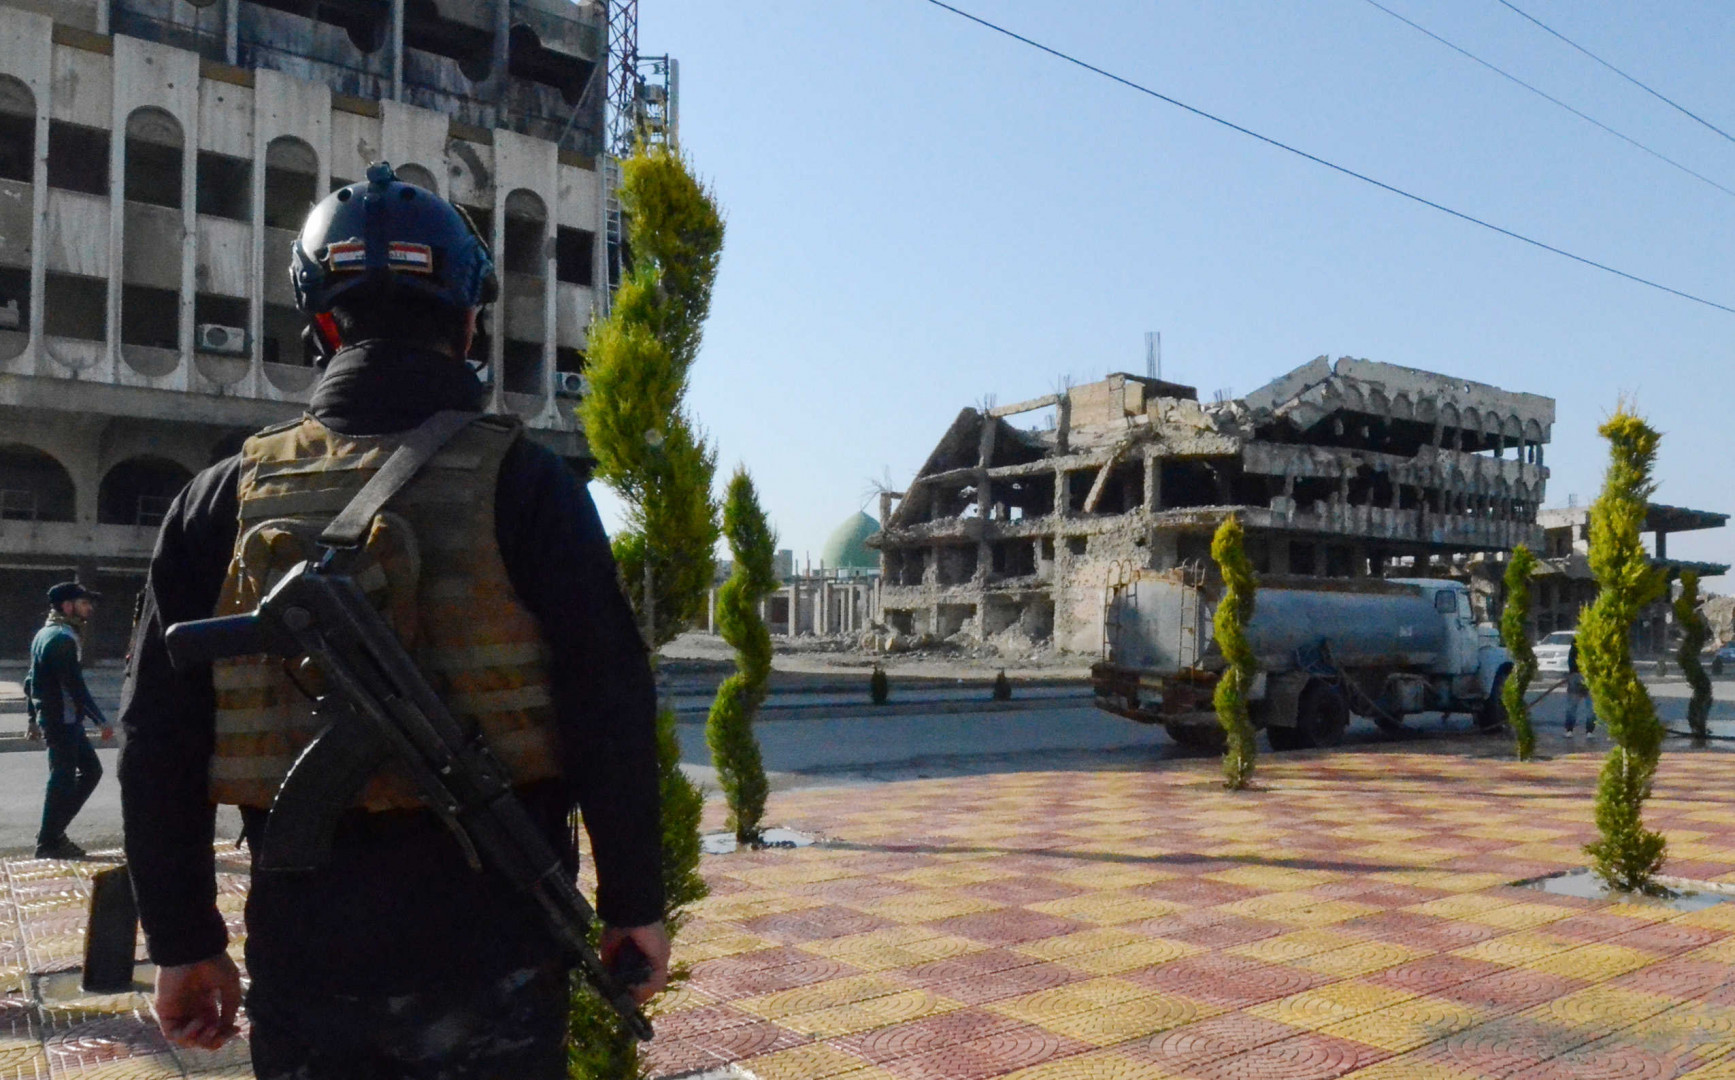 حذر وترقب في الموصل.. خطط استخبارية لمواجهة عودة محتملة لأفراد داعش